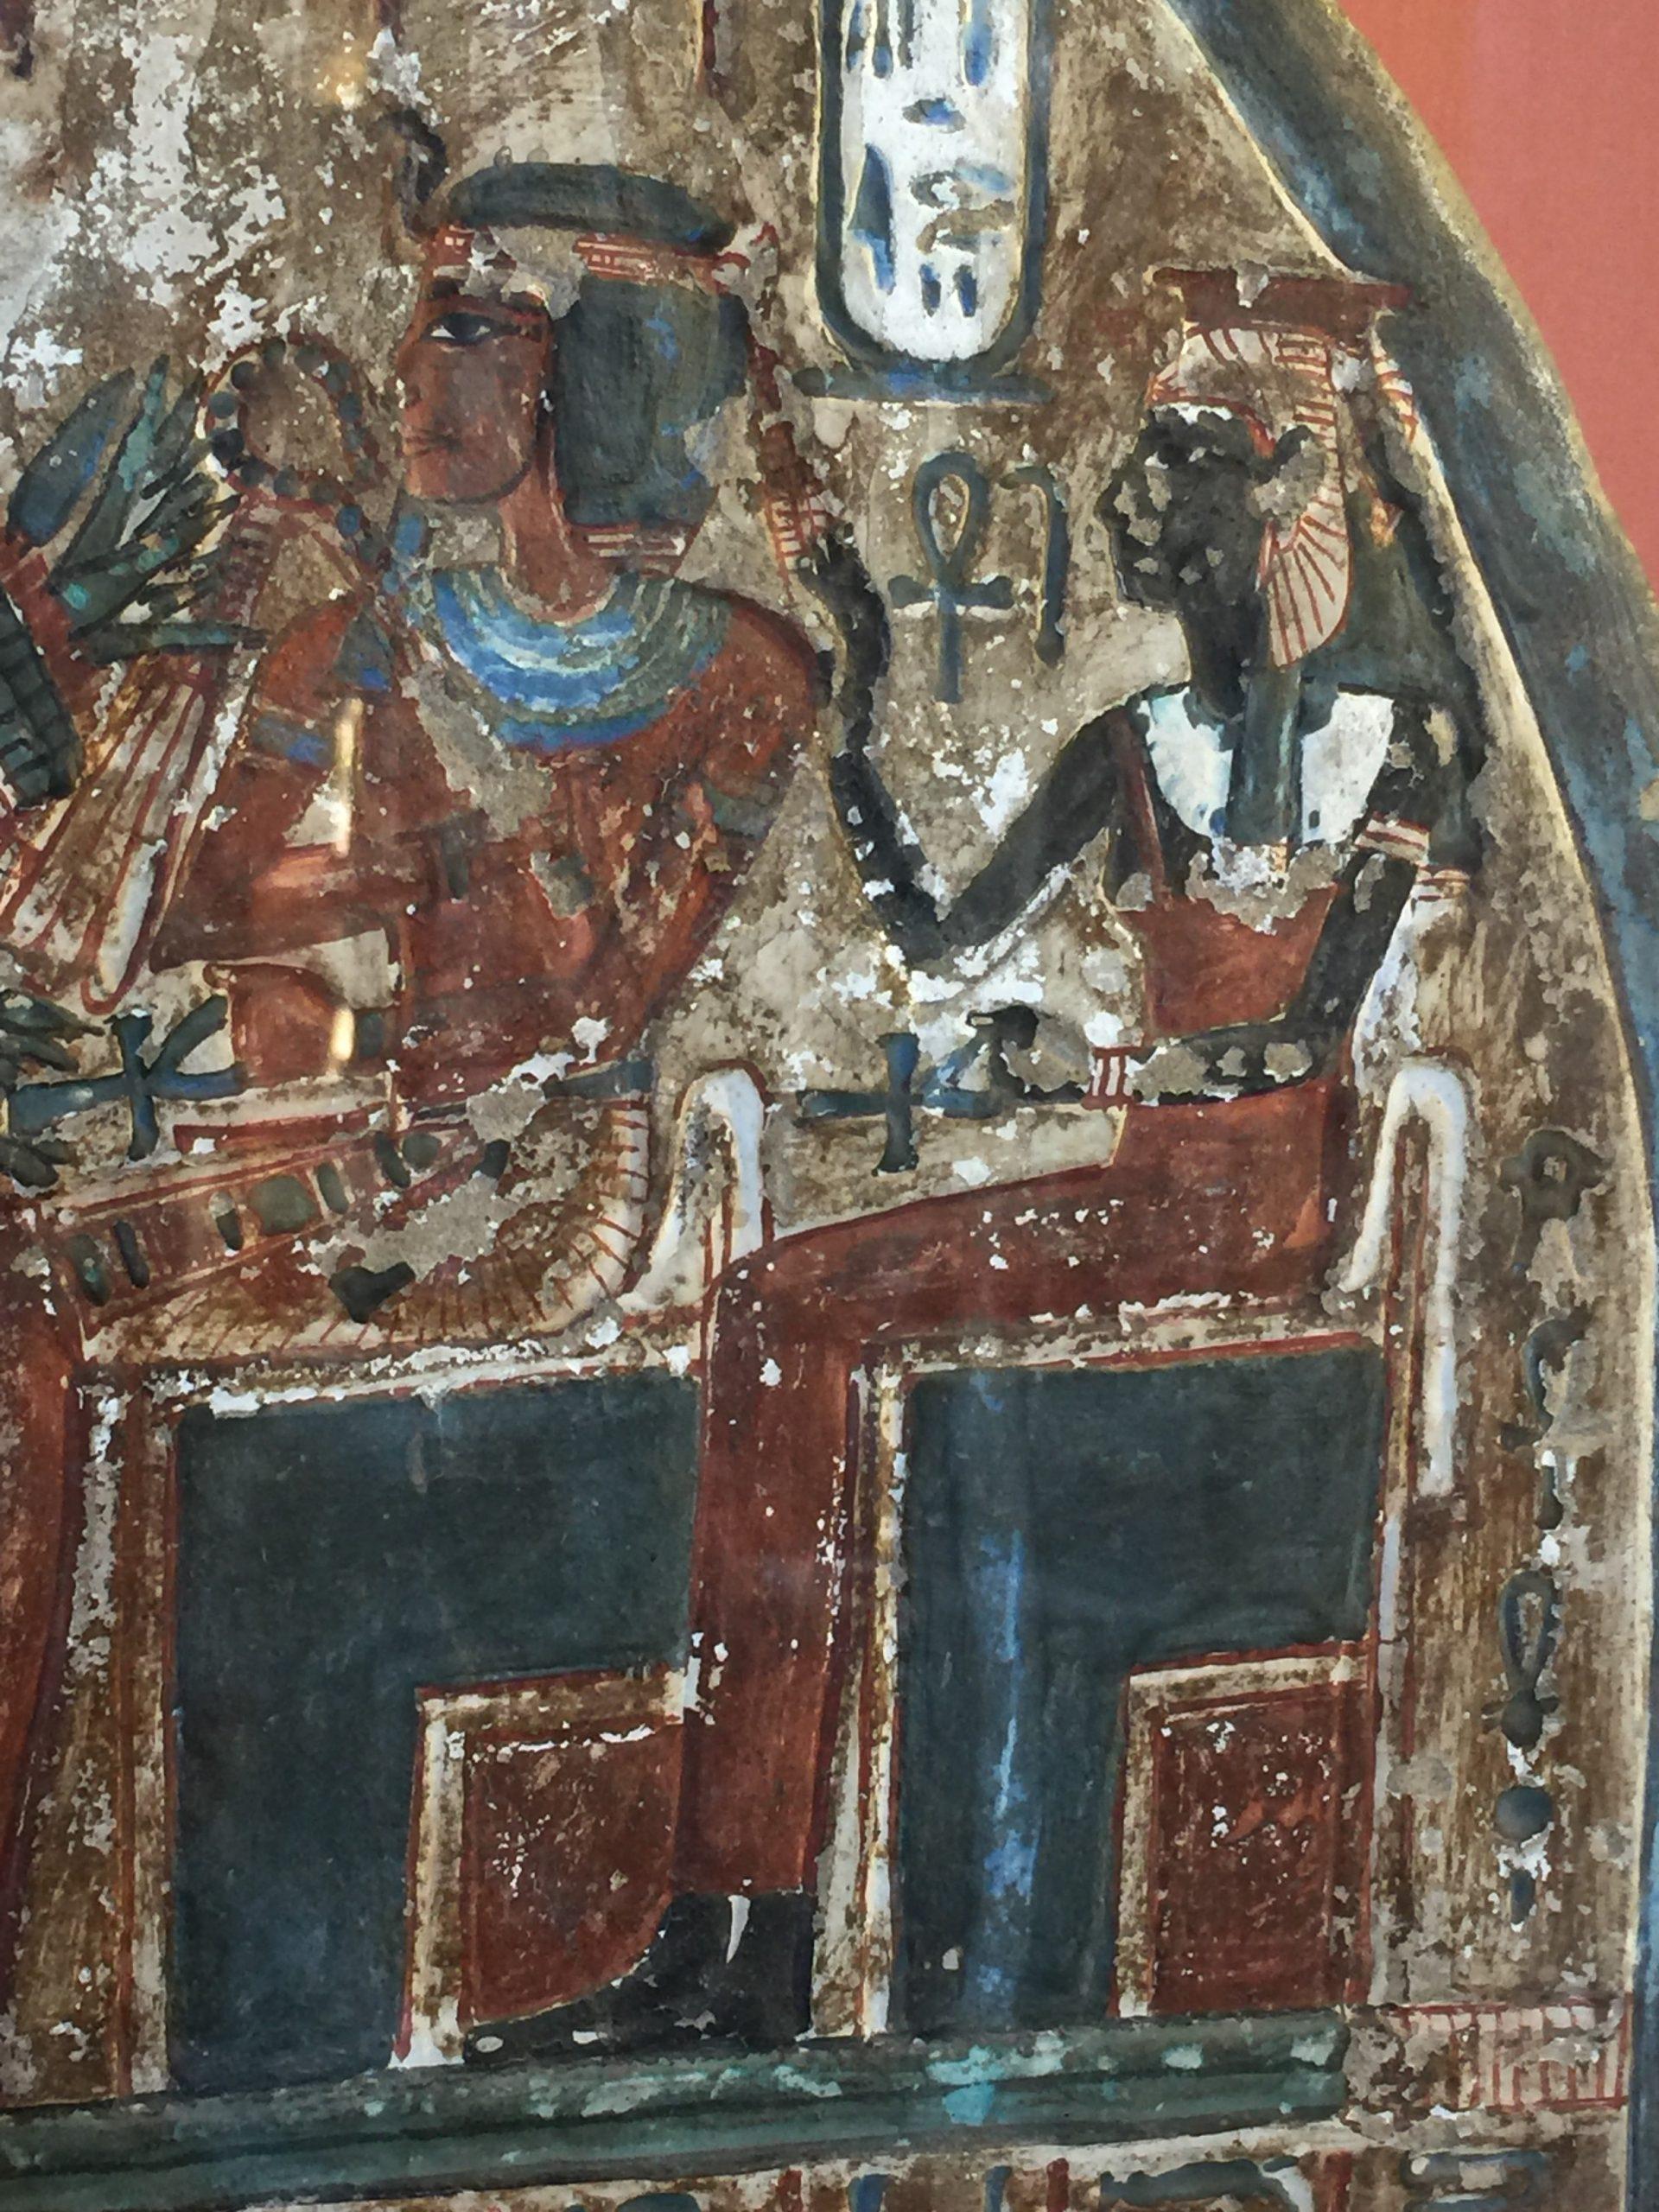 Parade of mummies